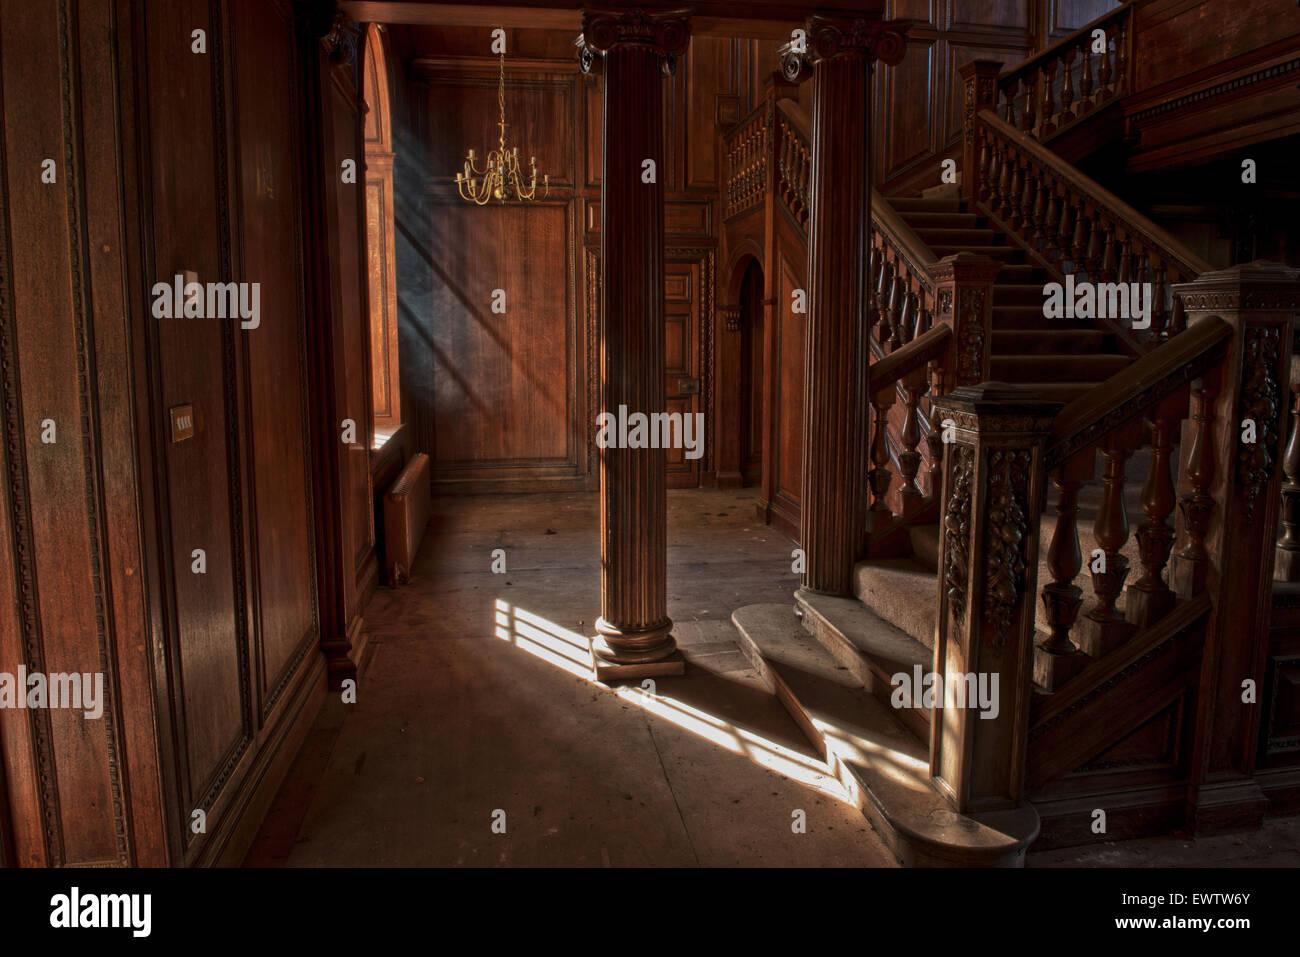 Boiseries ornées sur l'escalier à l'Orphelinat Silverlands, Chertsey, Surrey, UK Photo Stock